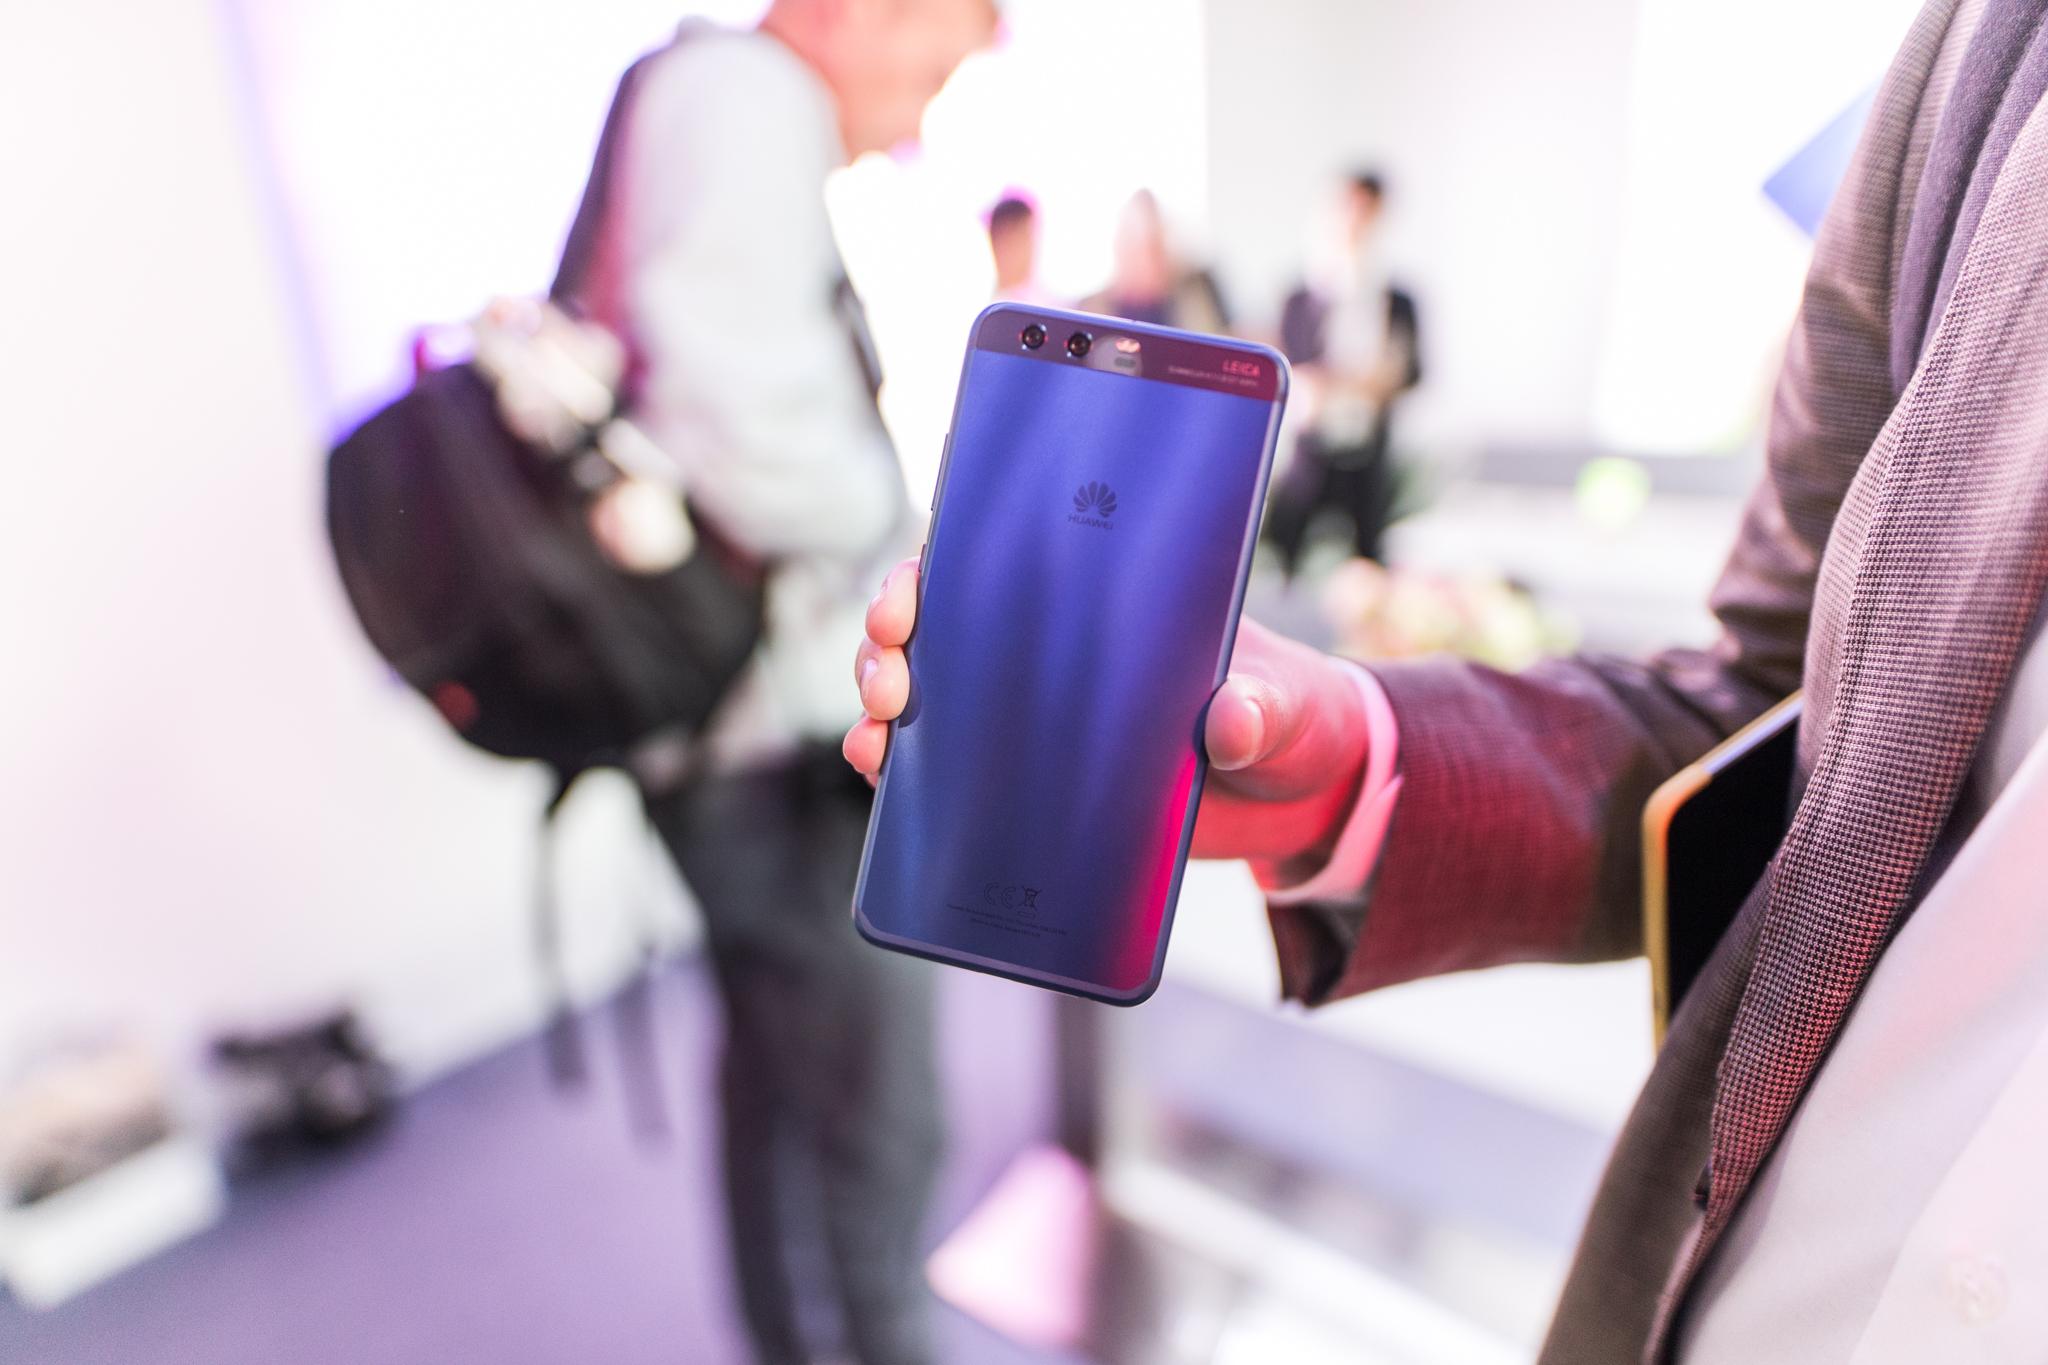 Vi fikk en titt på den blå Huawei P10. Den er ikke tilgjengelig i Norge.